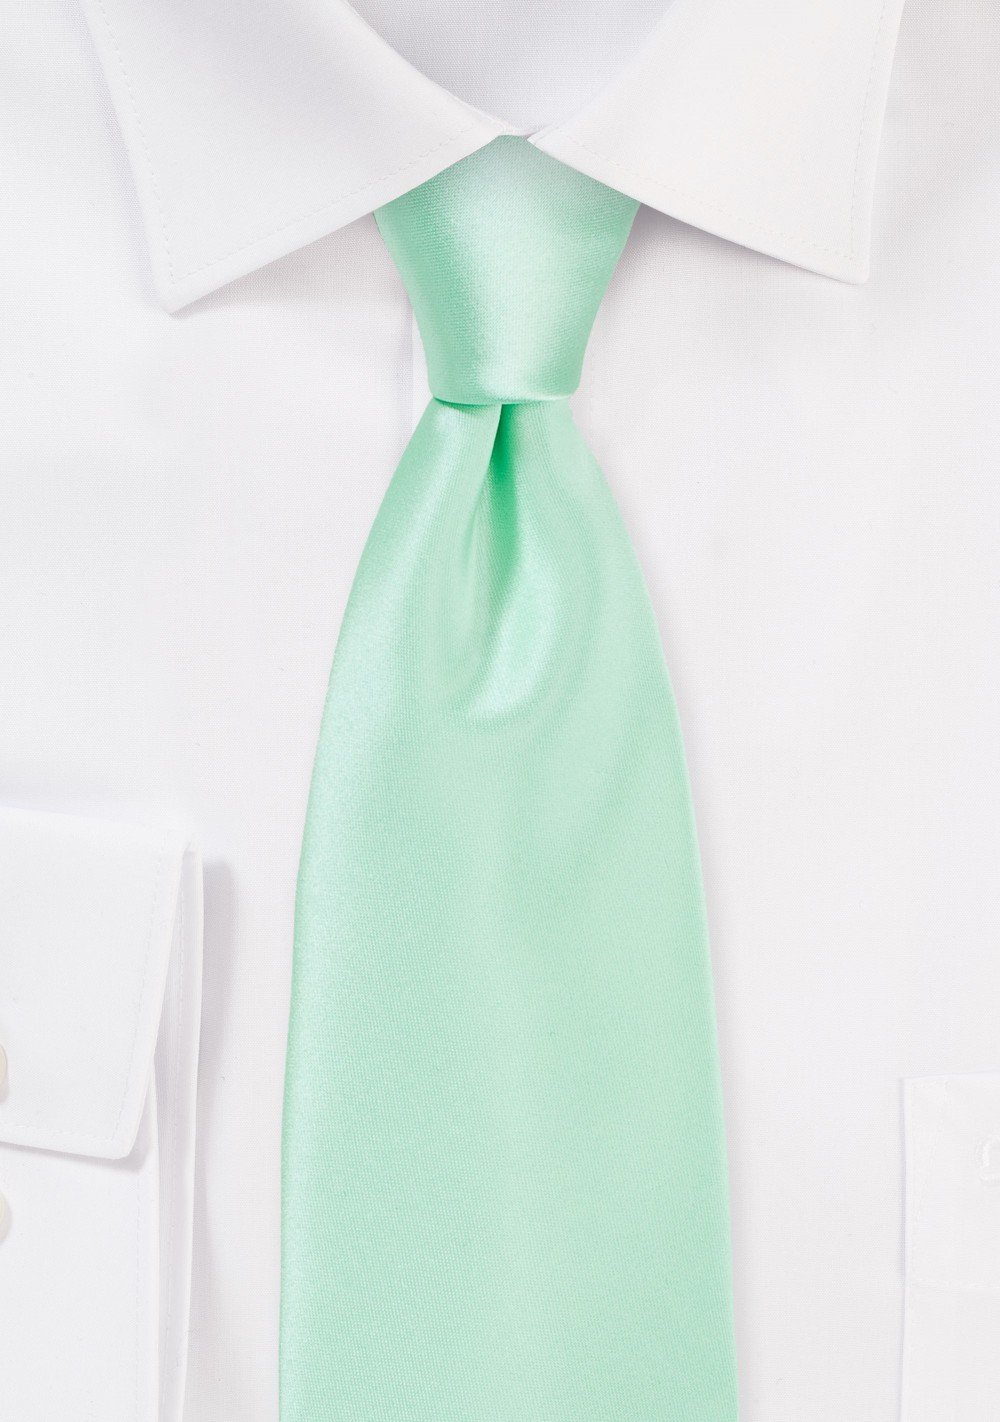 Honeydew Colored Mens Necktie